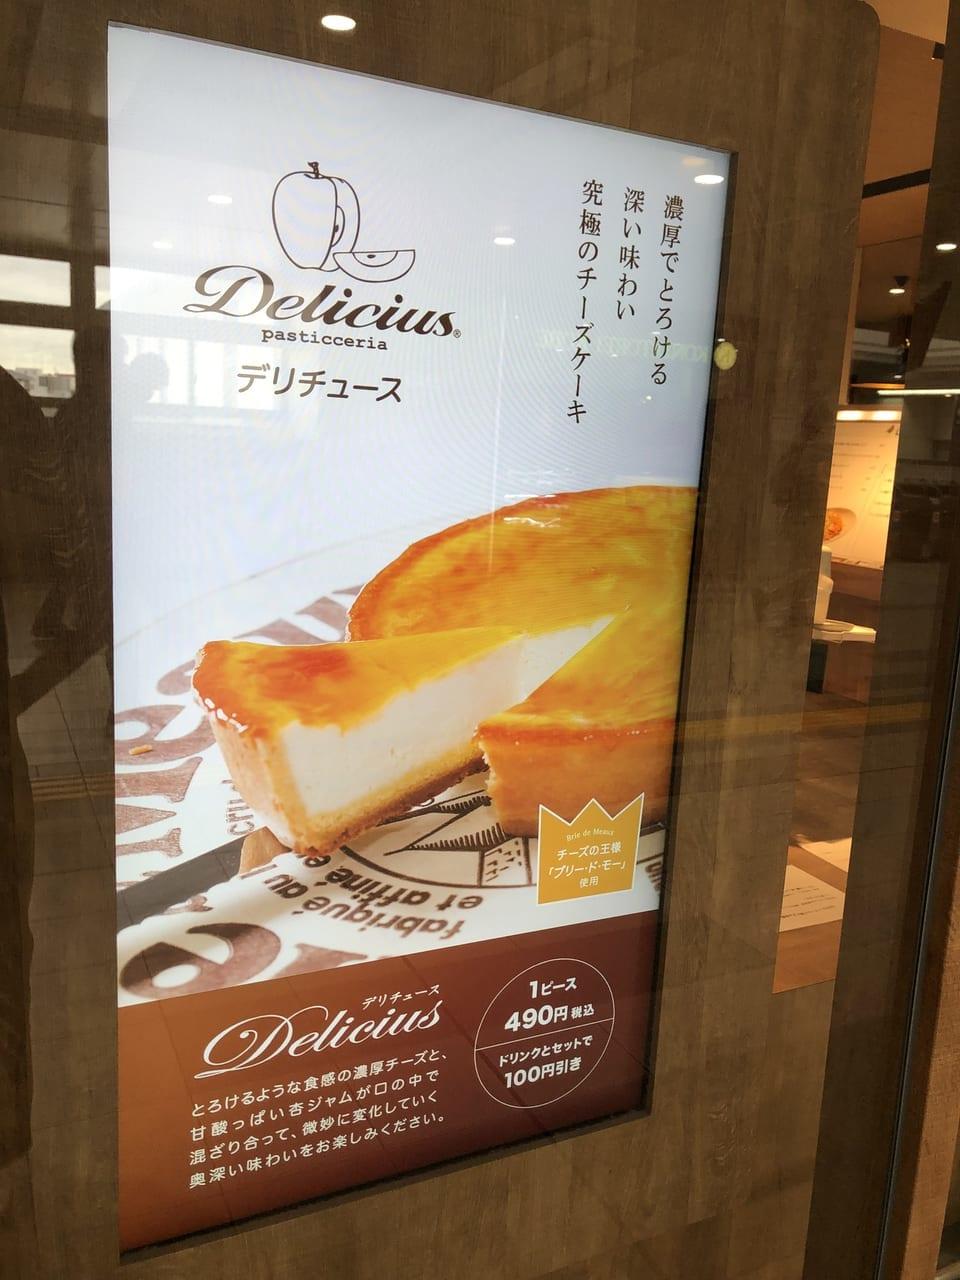 デリチュースのチーズケーキ